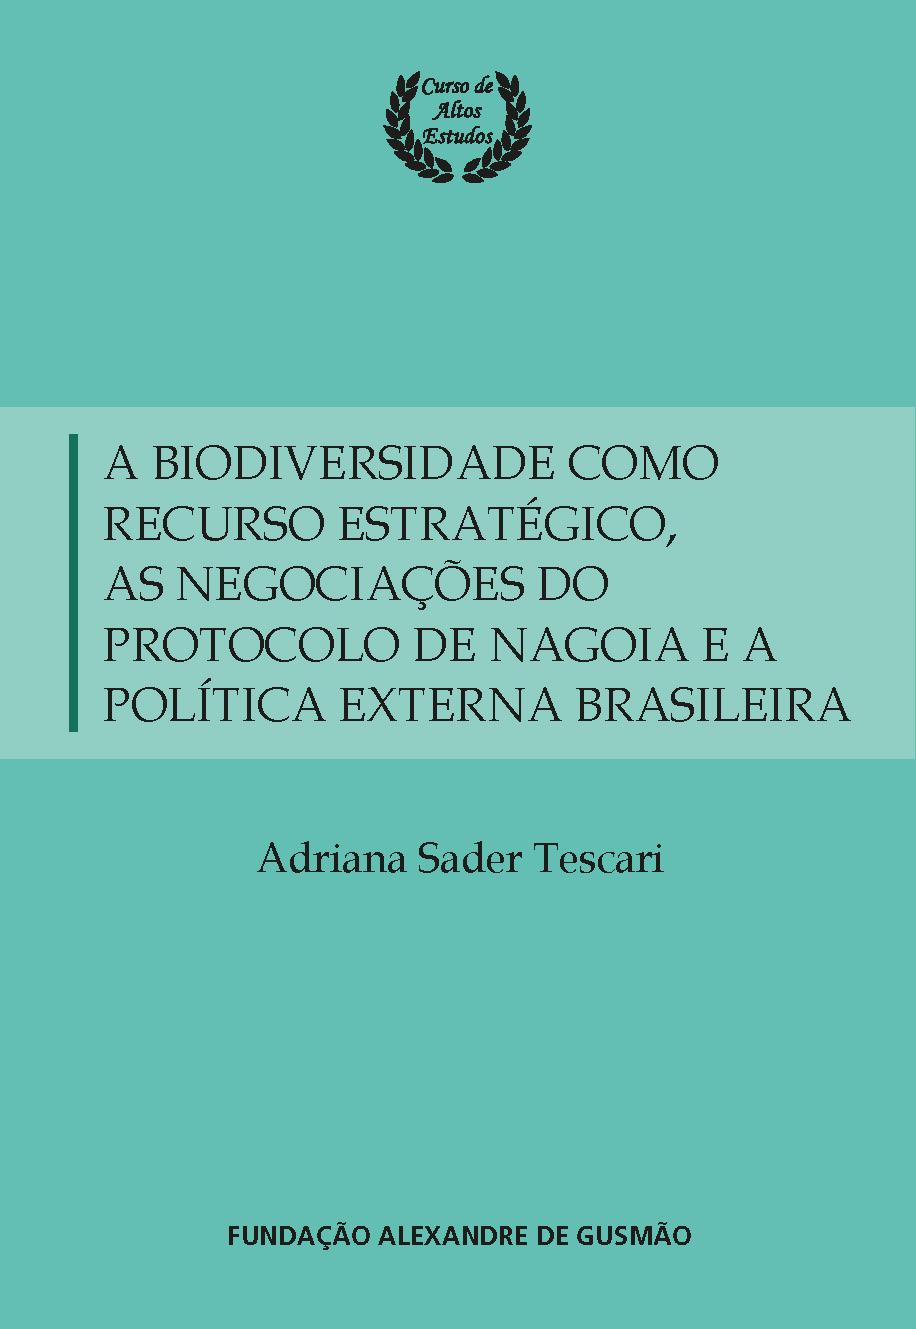 A biodiversidade como recurso estratégico, as negociações do Protocolo de Nagoia e a política externa brasileira